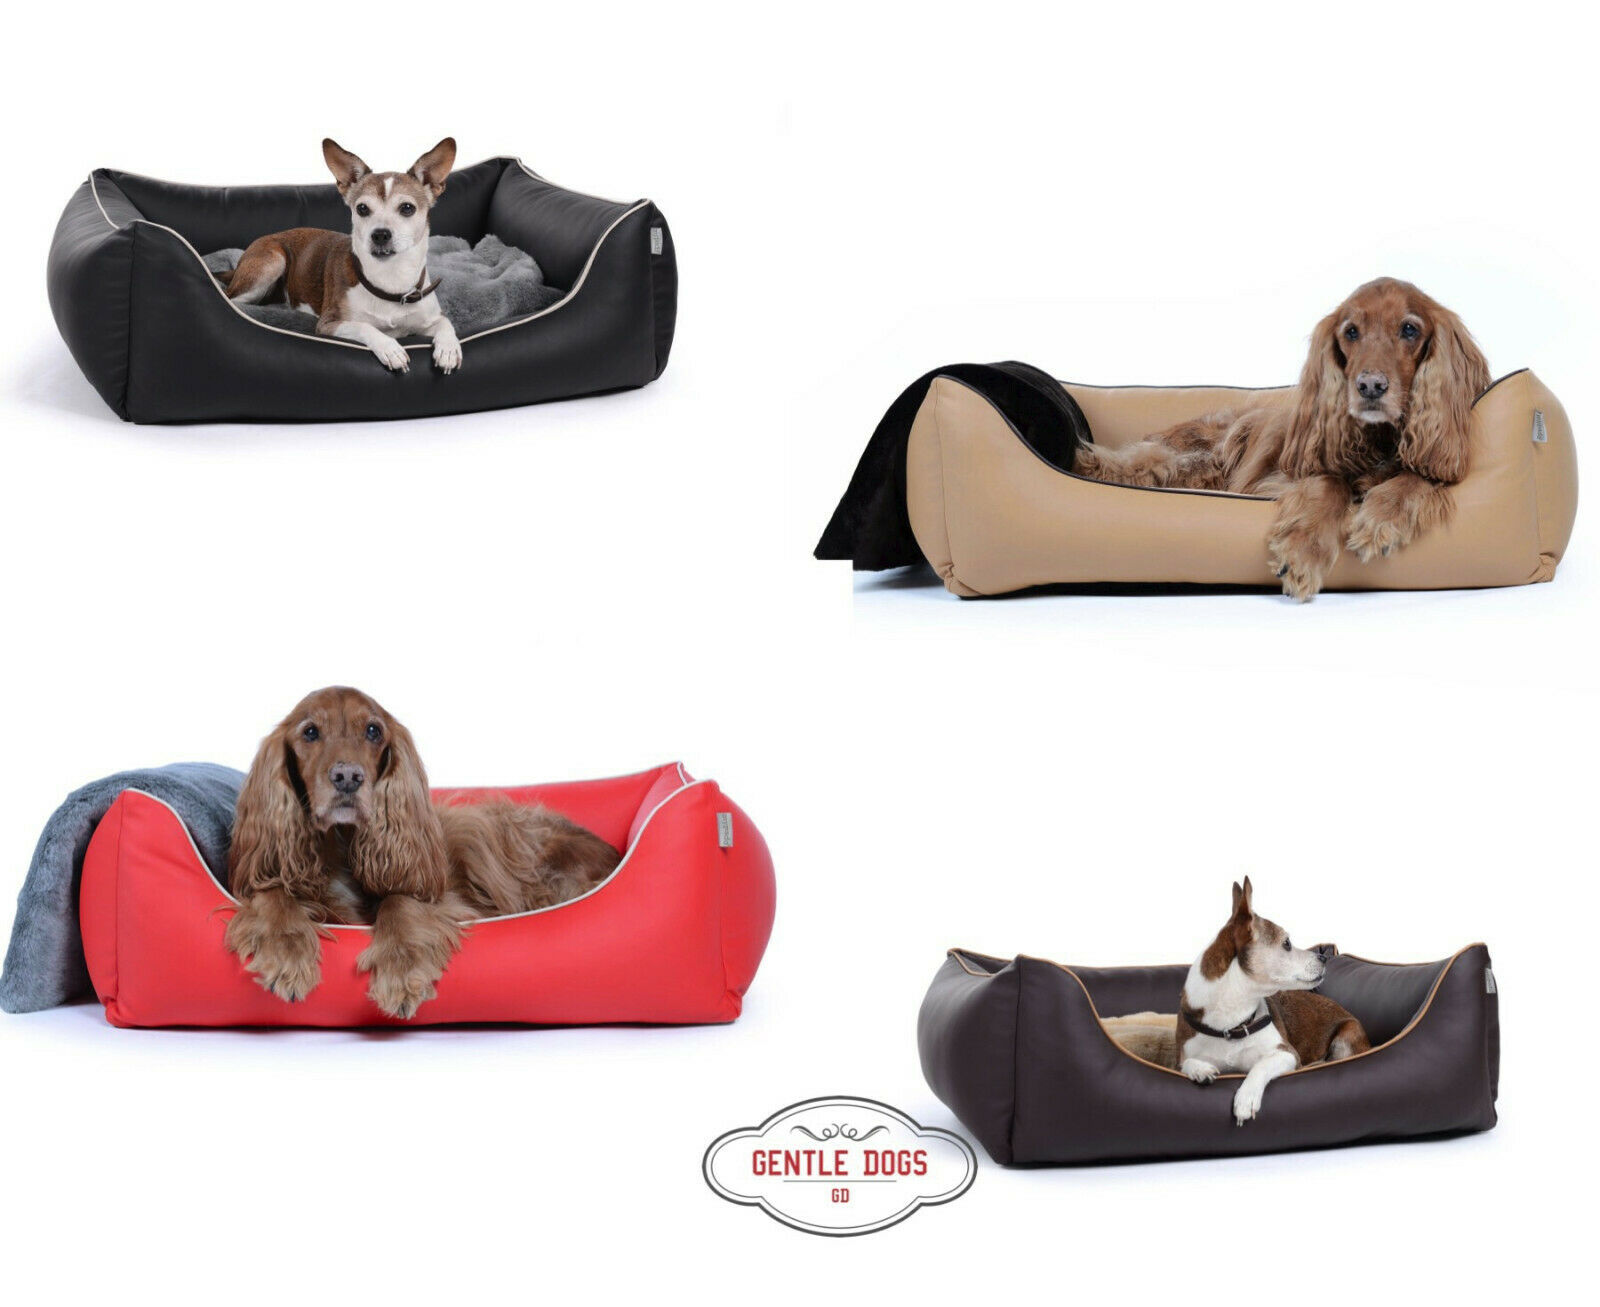 Hundebett Modell Worldcollection Kunstleder von Padsforall gratis Versand